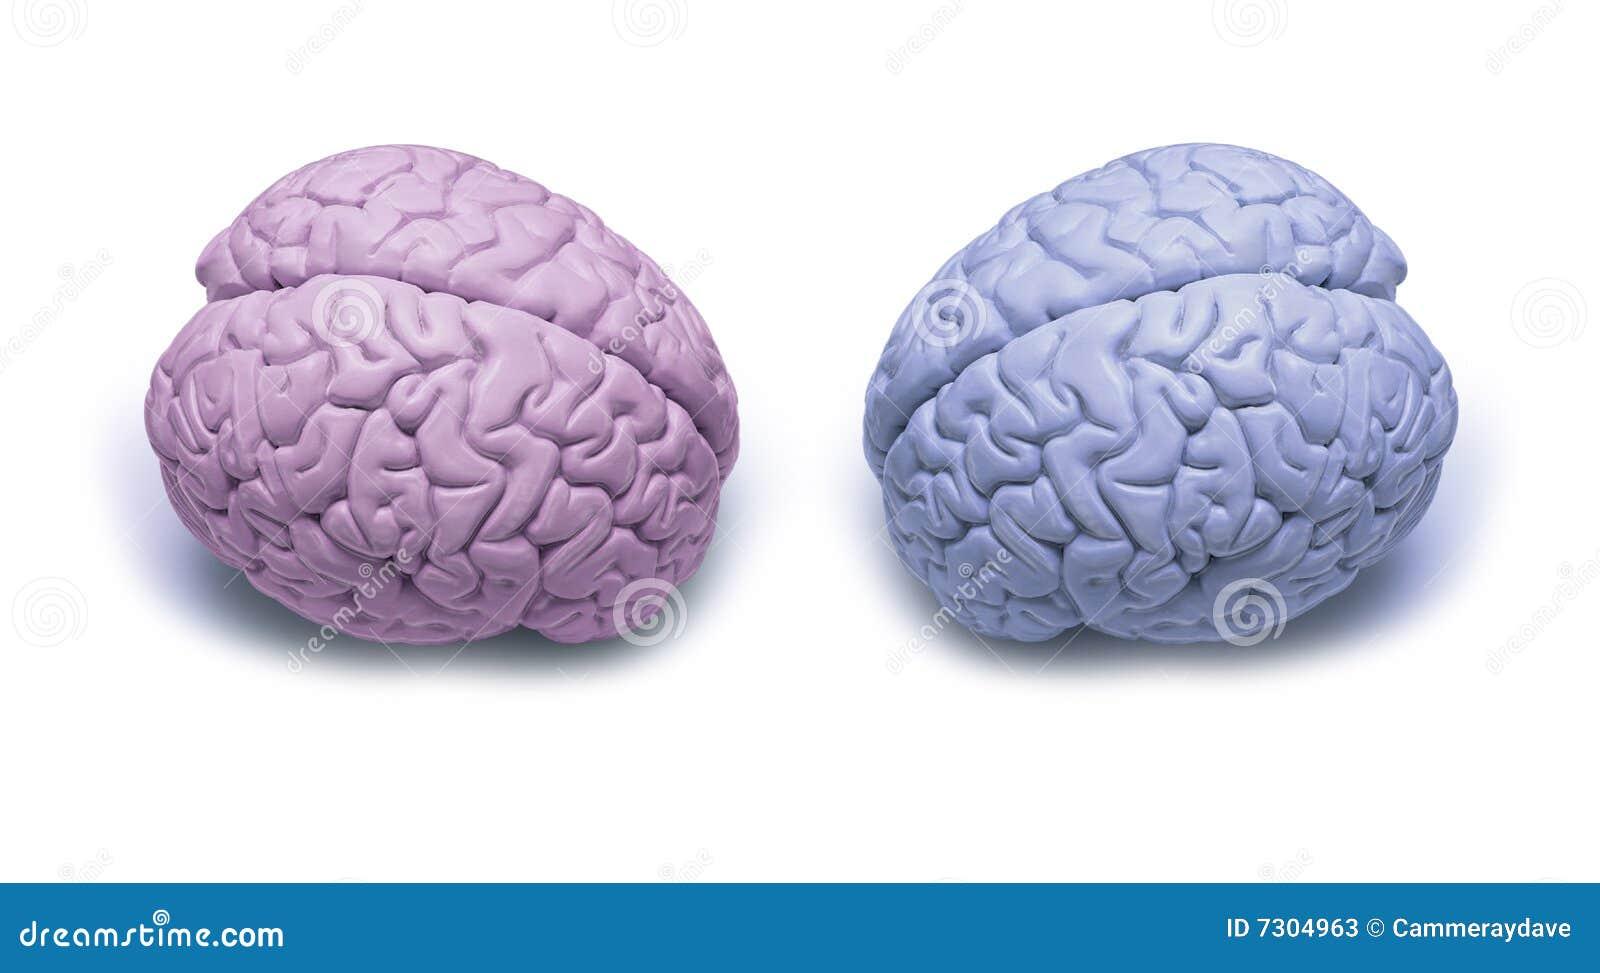 La donna mette in versi i cervelli dell uomo